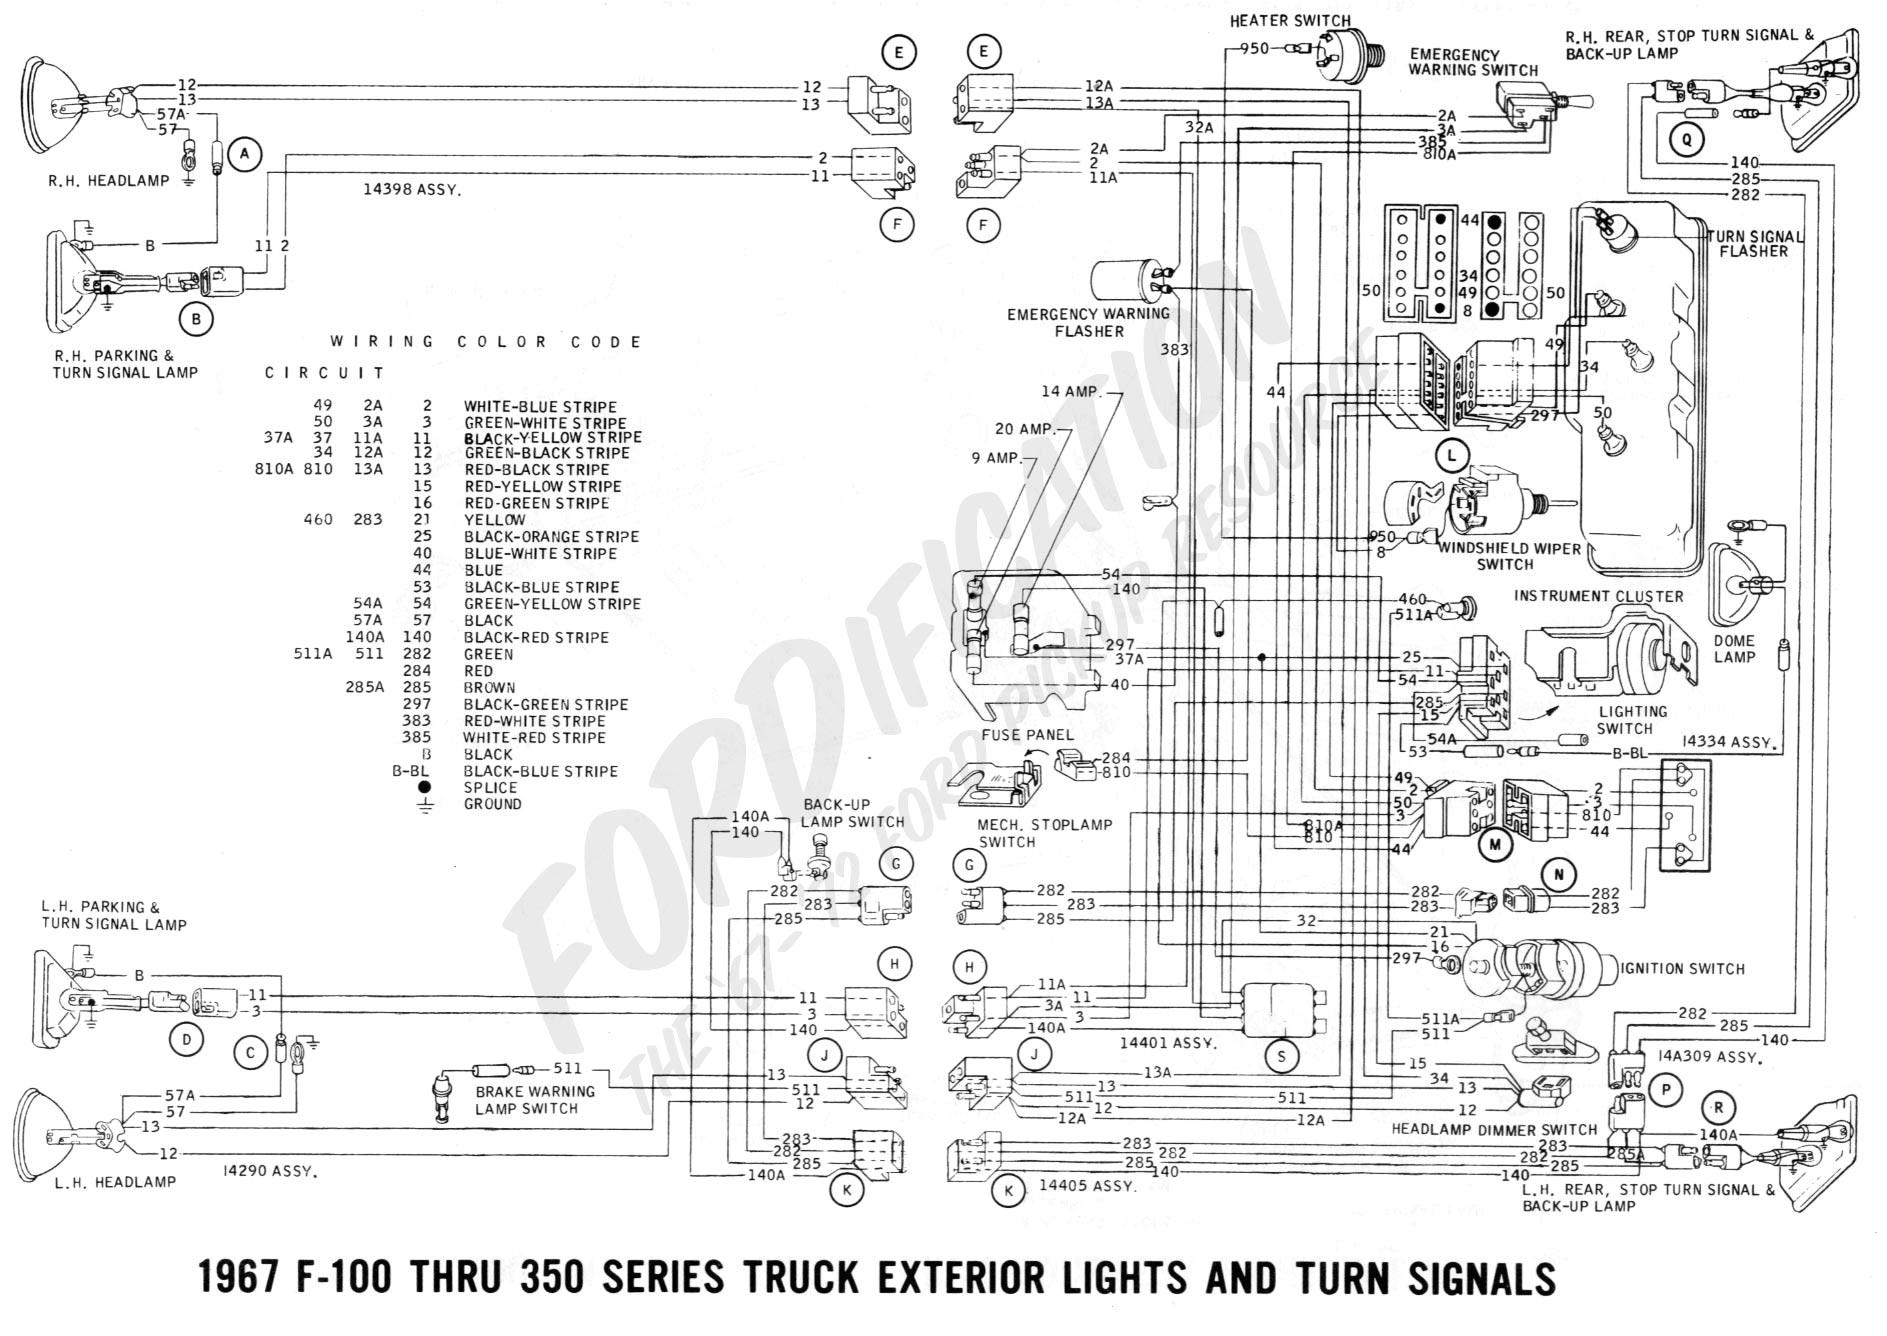 1960 f100 wiring diagram wiring diagram basic 1960 ford f100 headlight switch wiring diagram 1960 f100 wiring diagram